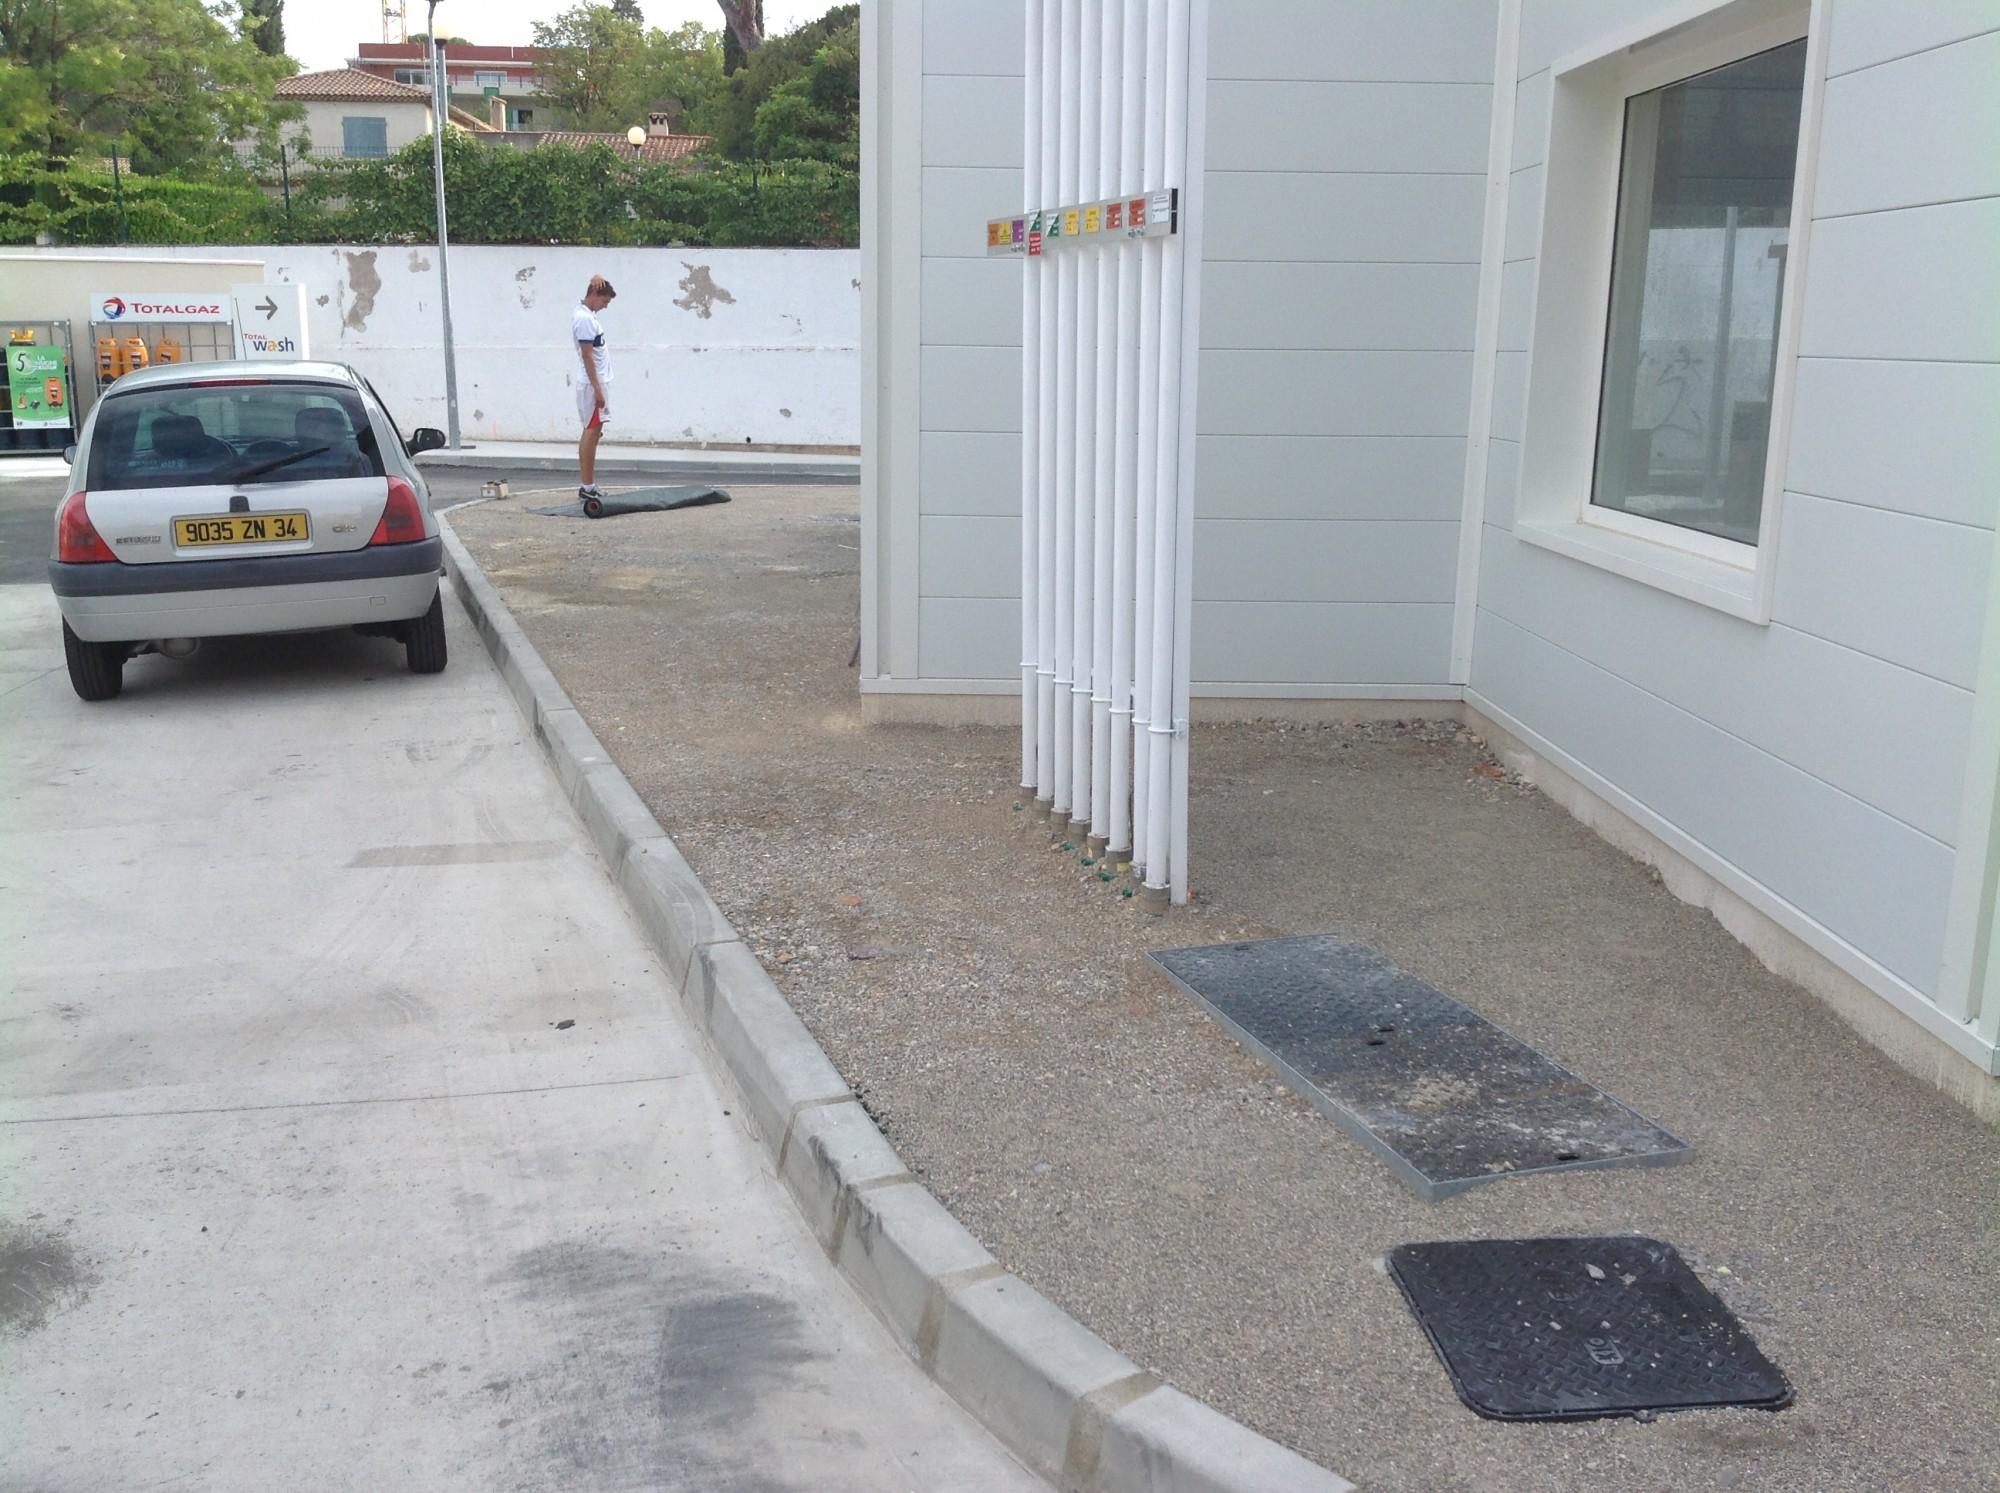 Univers gazons gazons installe et pose du gazon synthétique à Montpellier